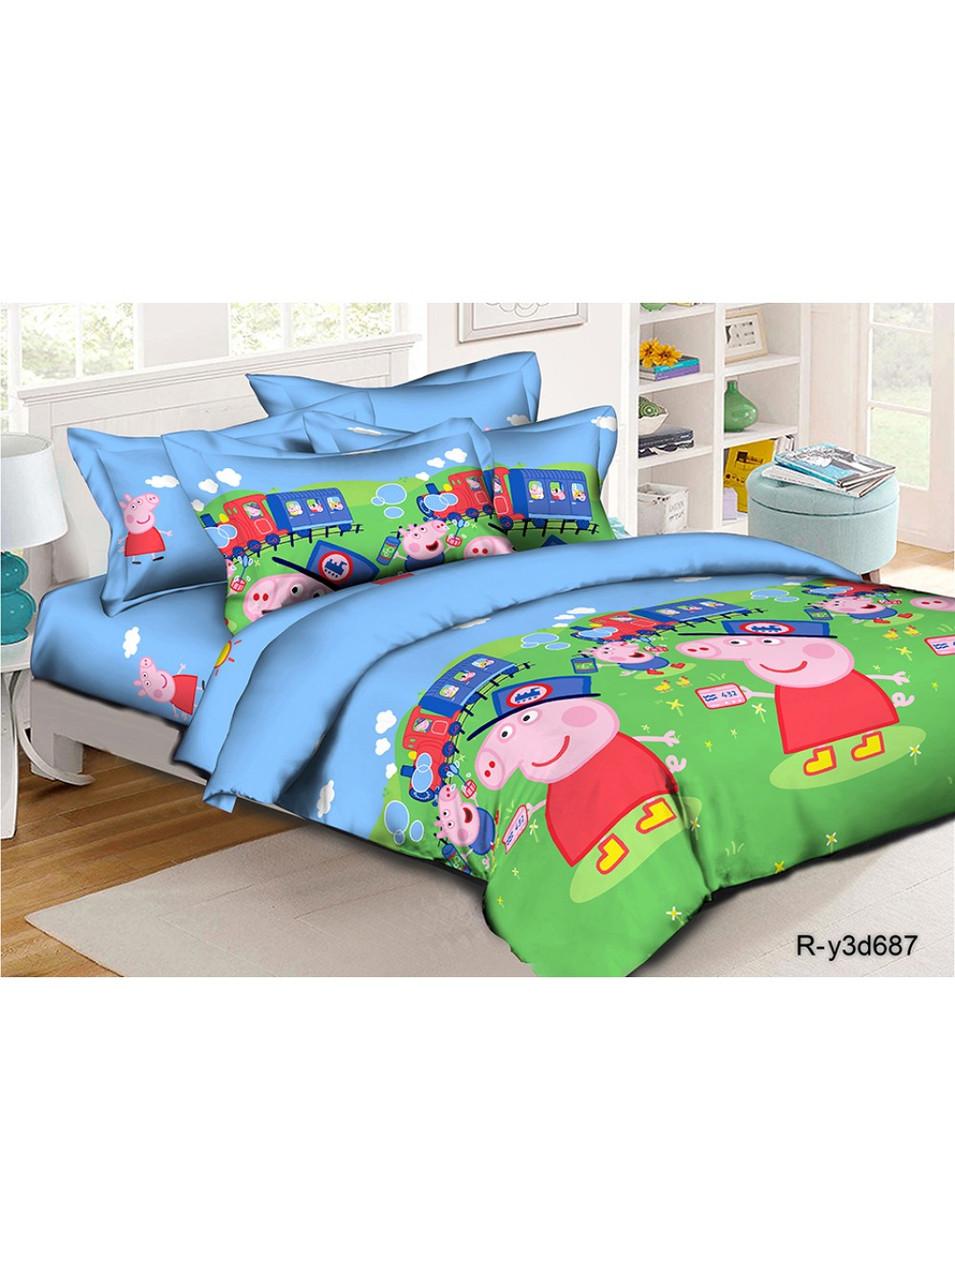 Комплект детского постельного белья ранфорс Свинка Пеппа